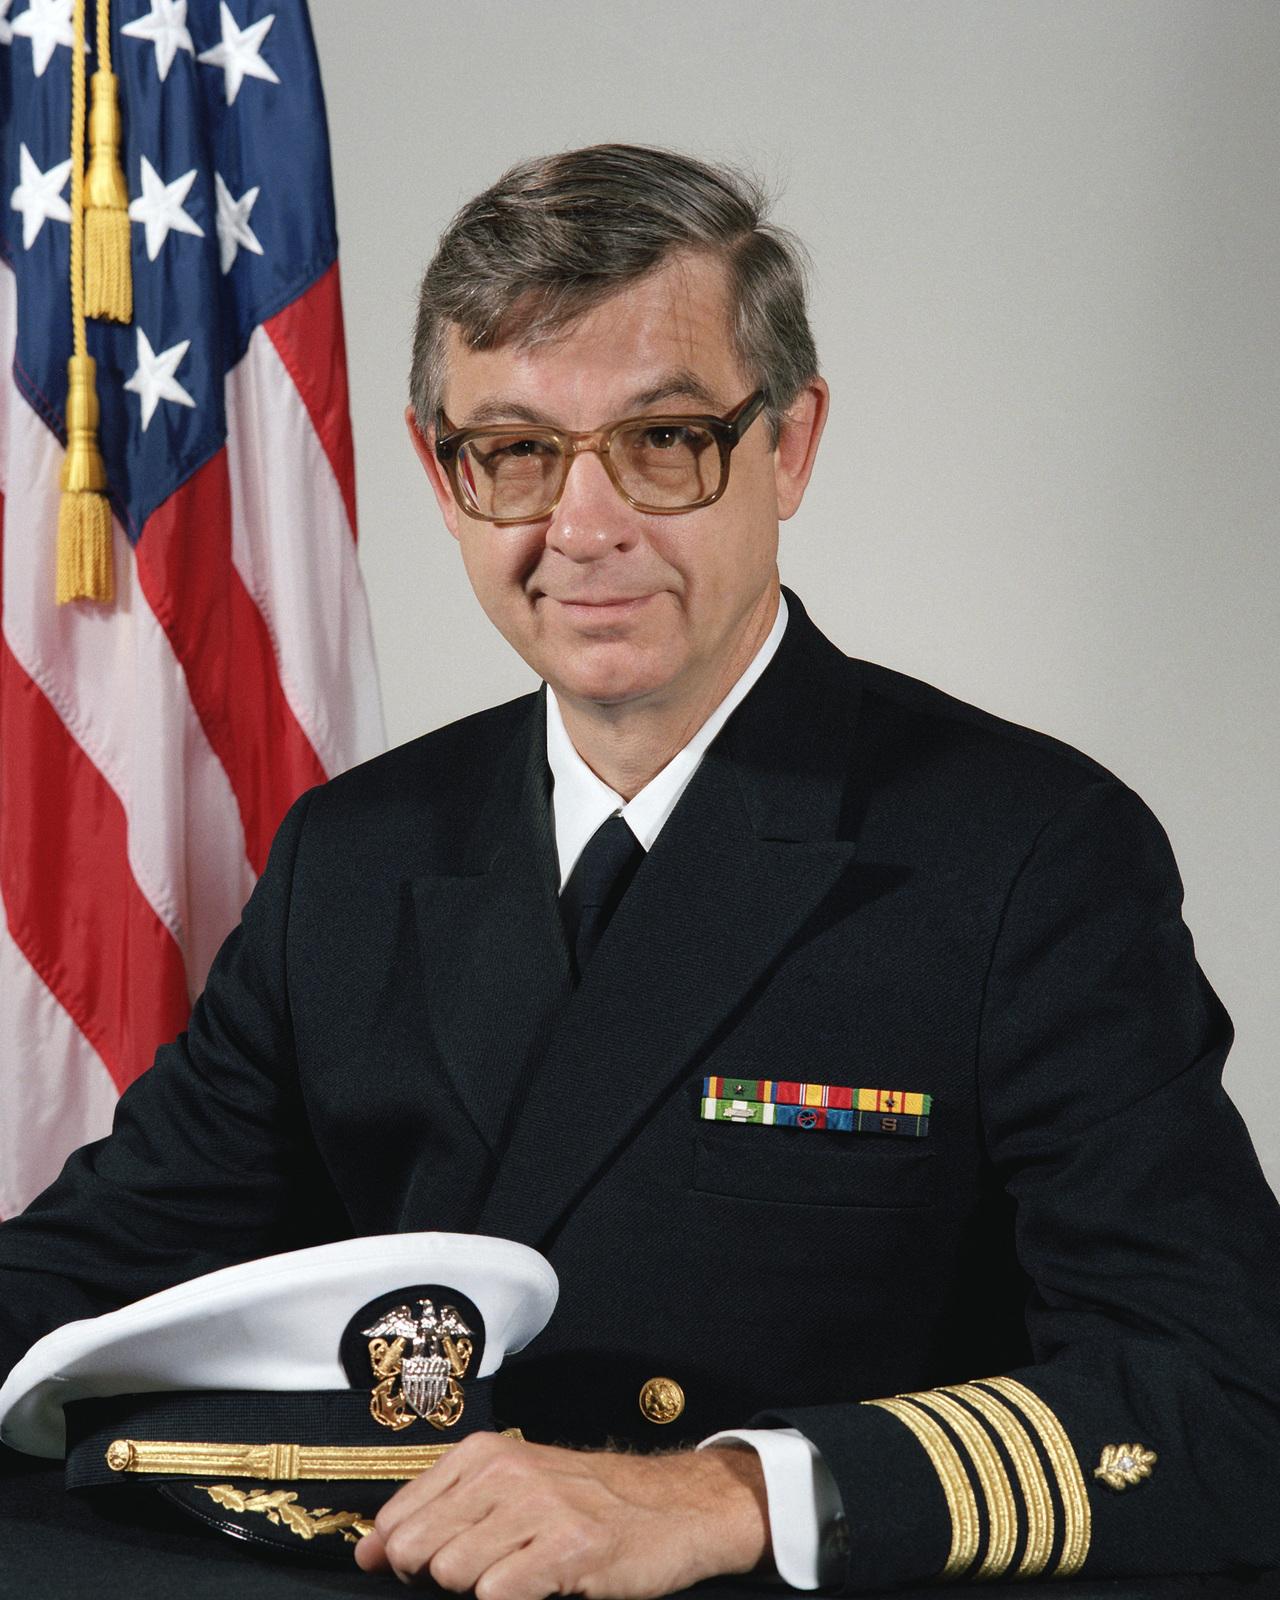 Captain (CAPT) William R. Hix, USN (uncovered)